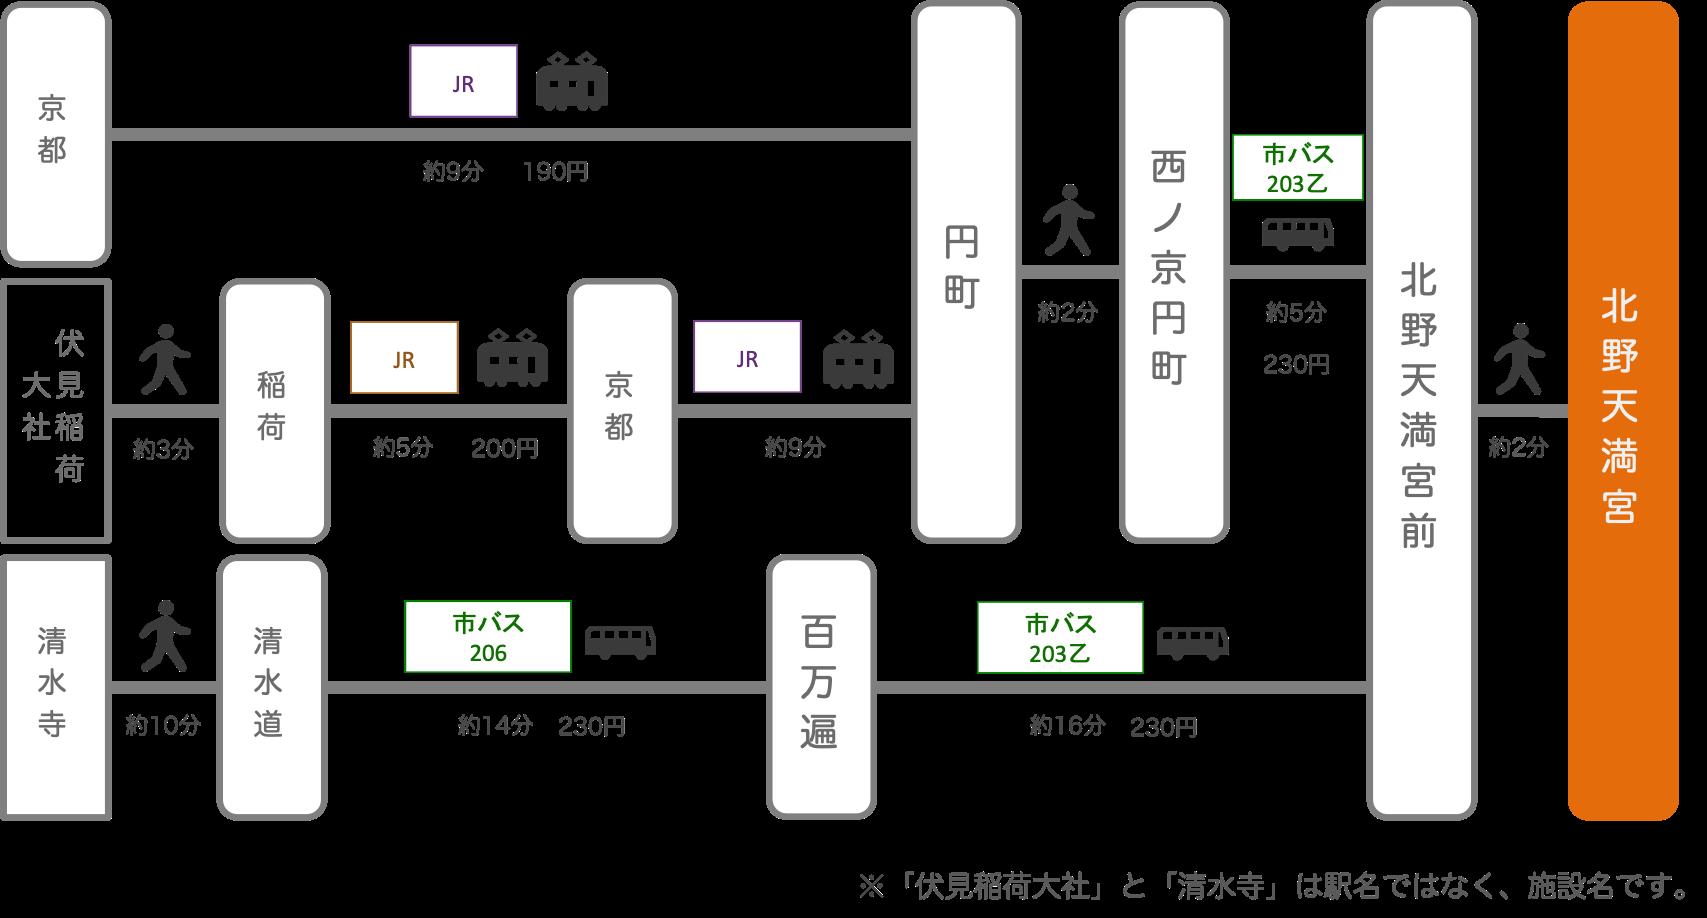 北野天満宮_京都市_バス_電車